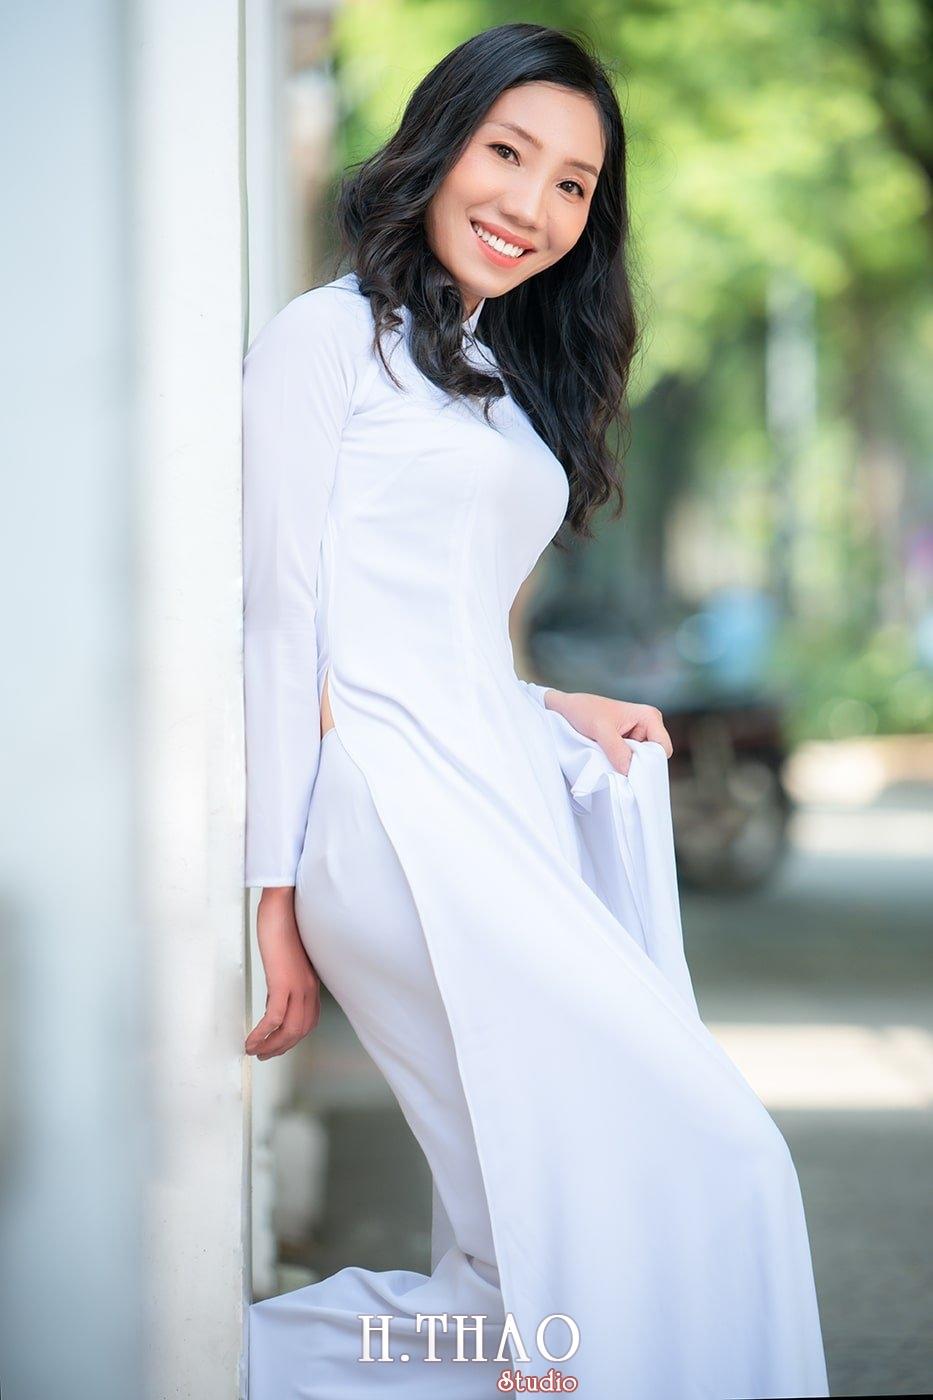 Ao dai nha tho duc ba 16 - Tổng hợp album ảnh áo dài chụp tại nhà thờ Đức Bà - HThao Studio